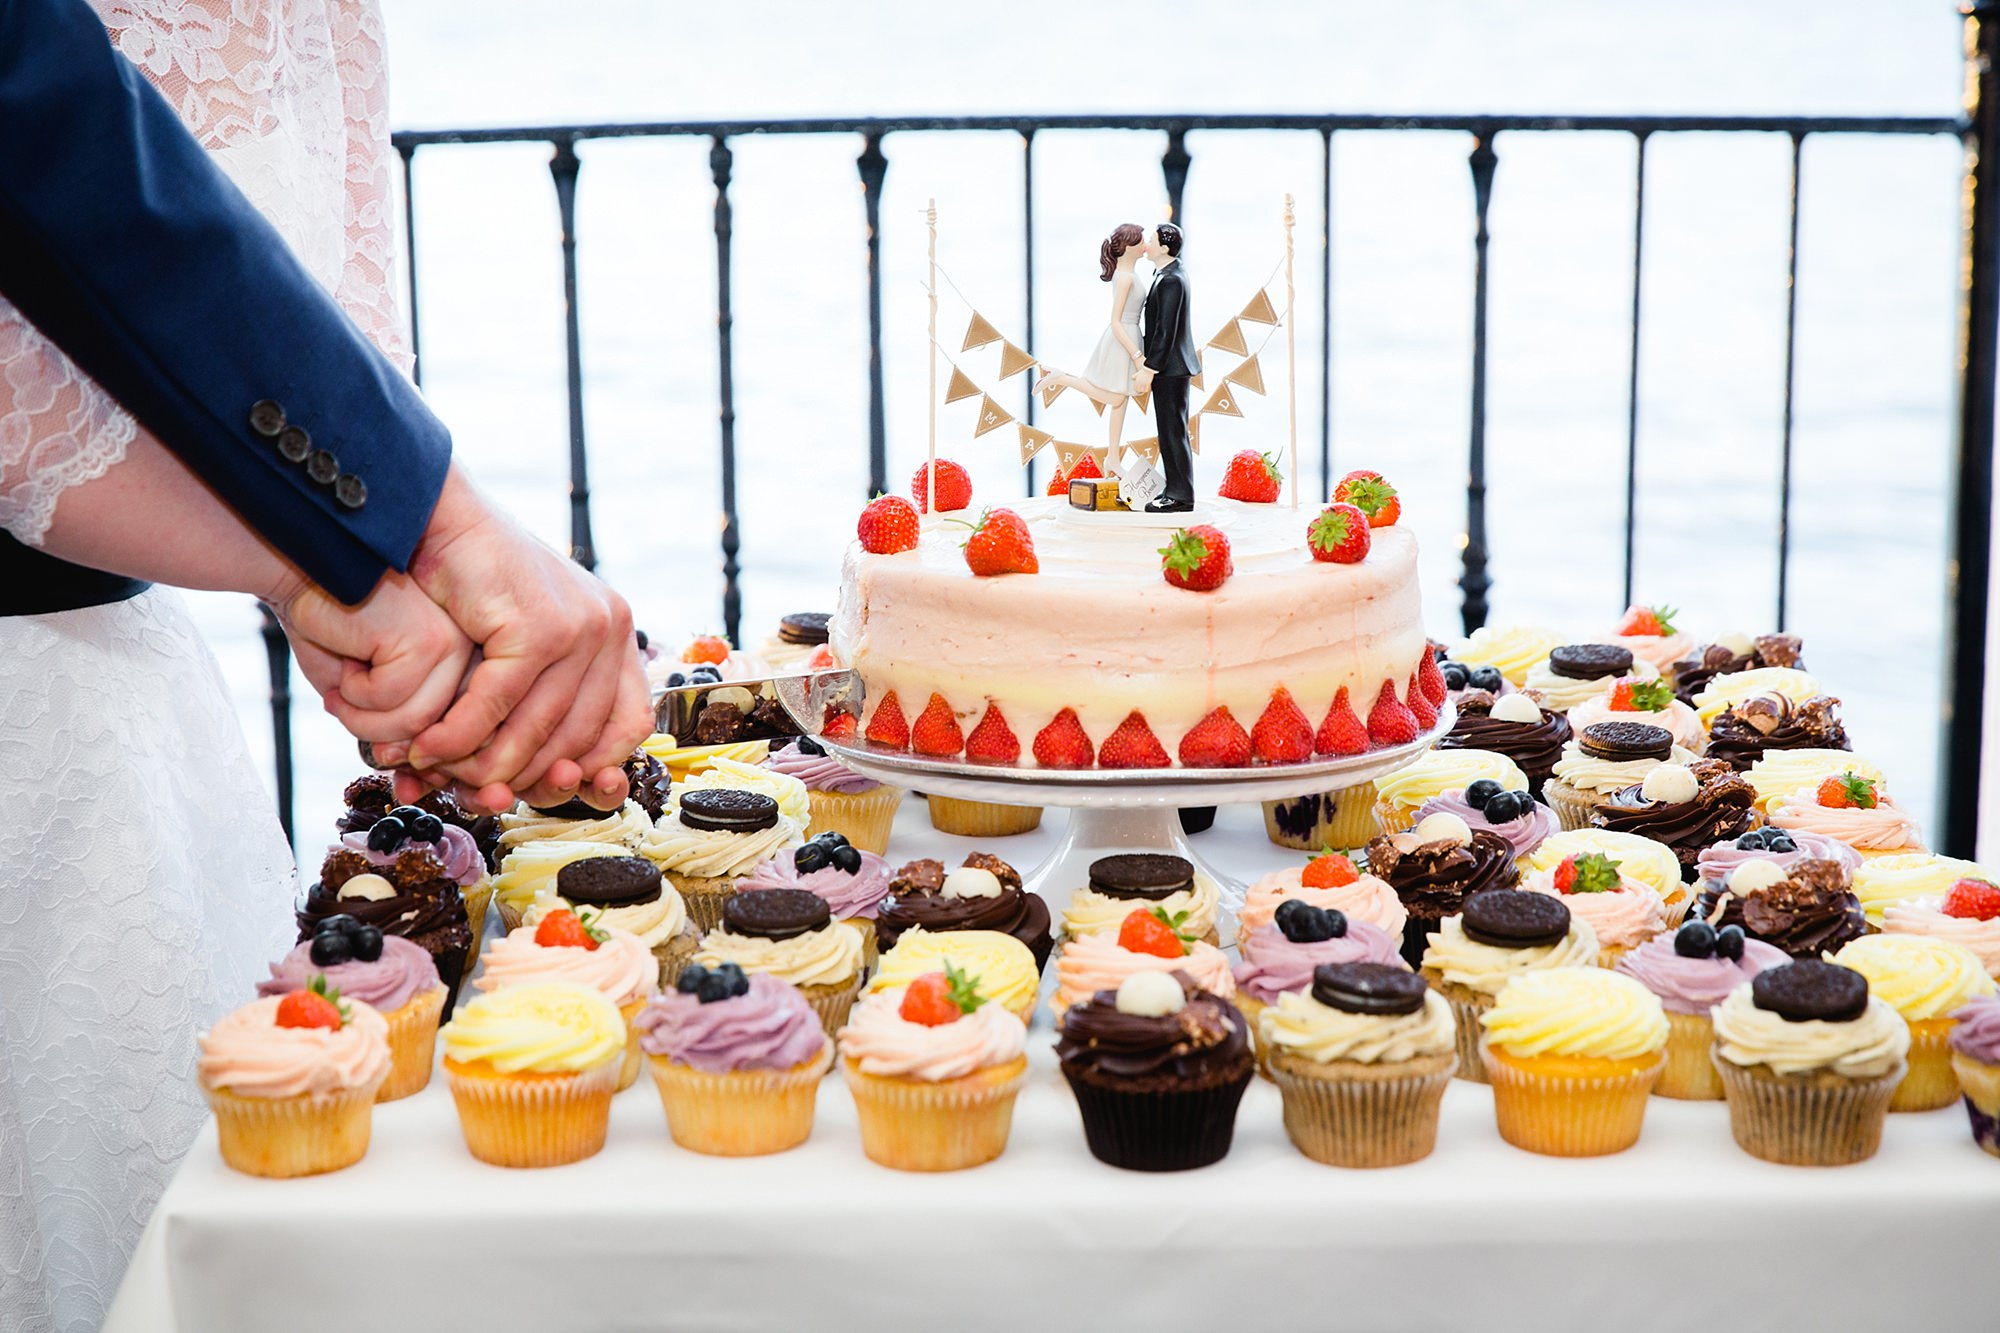 Trafalgar Tavern wedding close up detail of cutting the cake